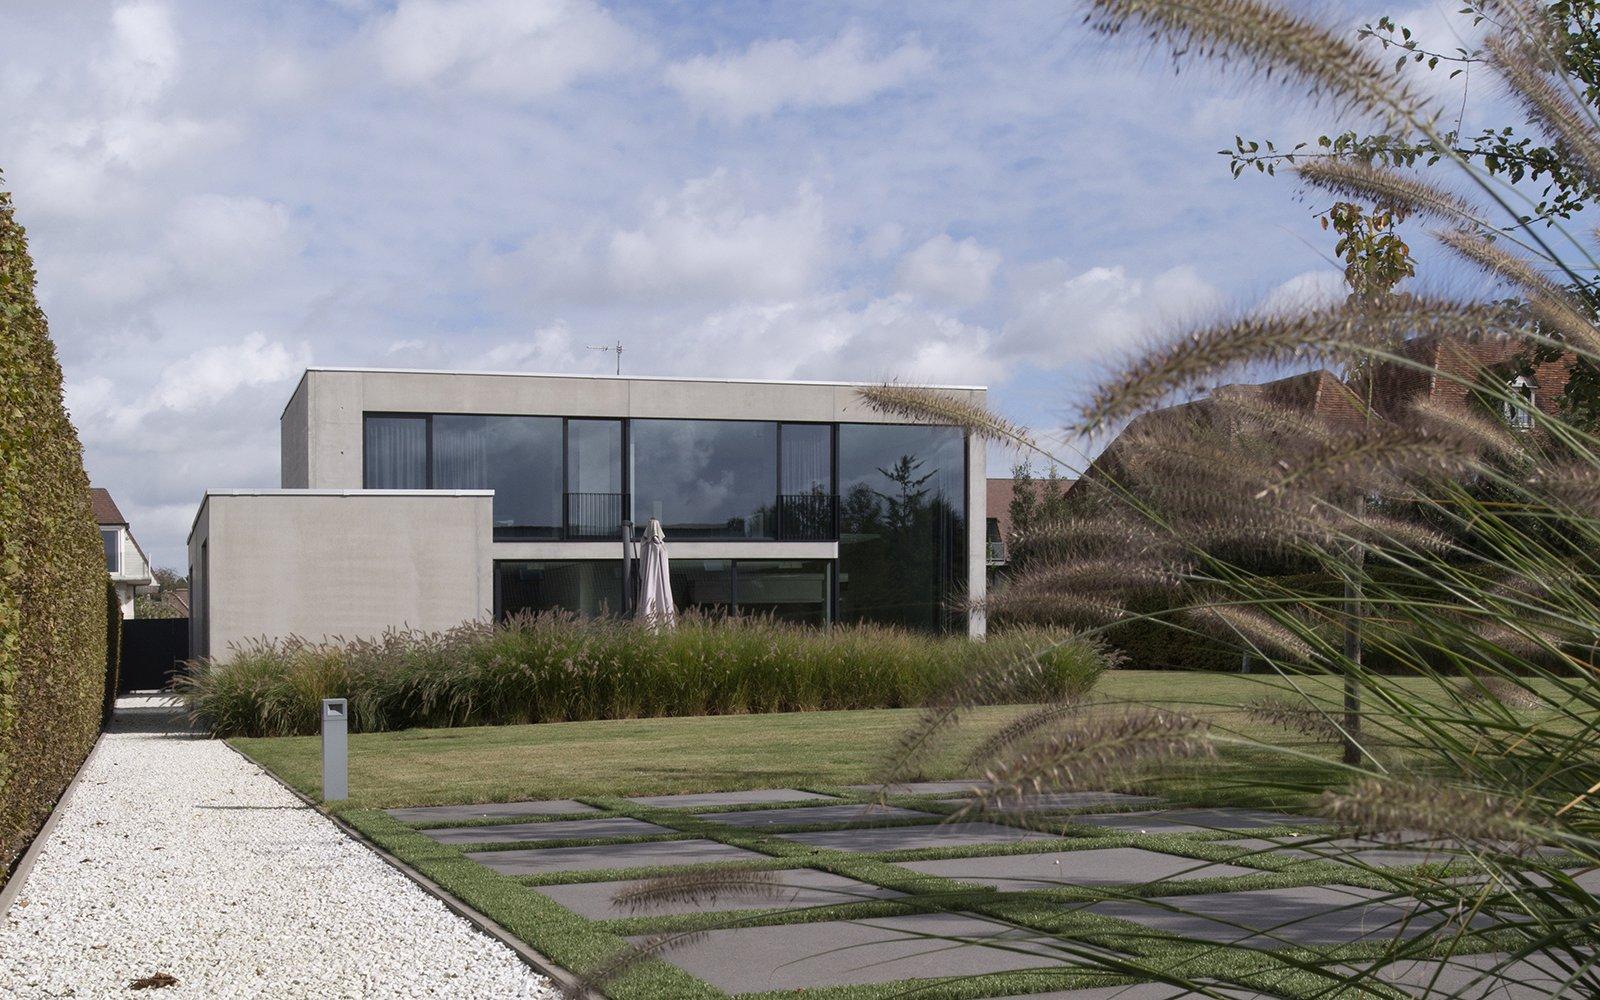 Ellen vertommen, Complete betonlook, Pluspunt Architectuur